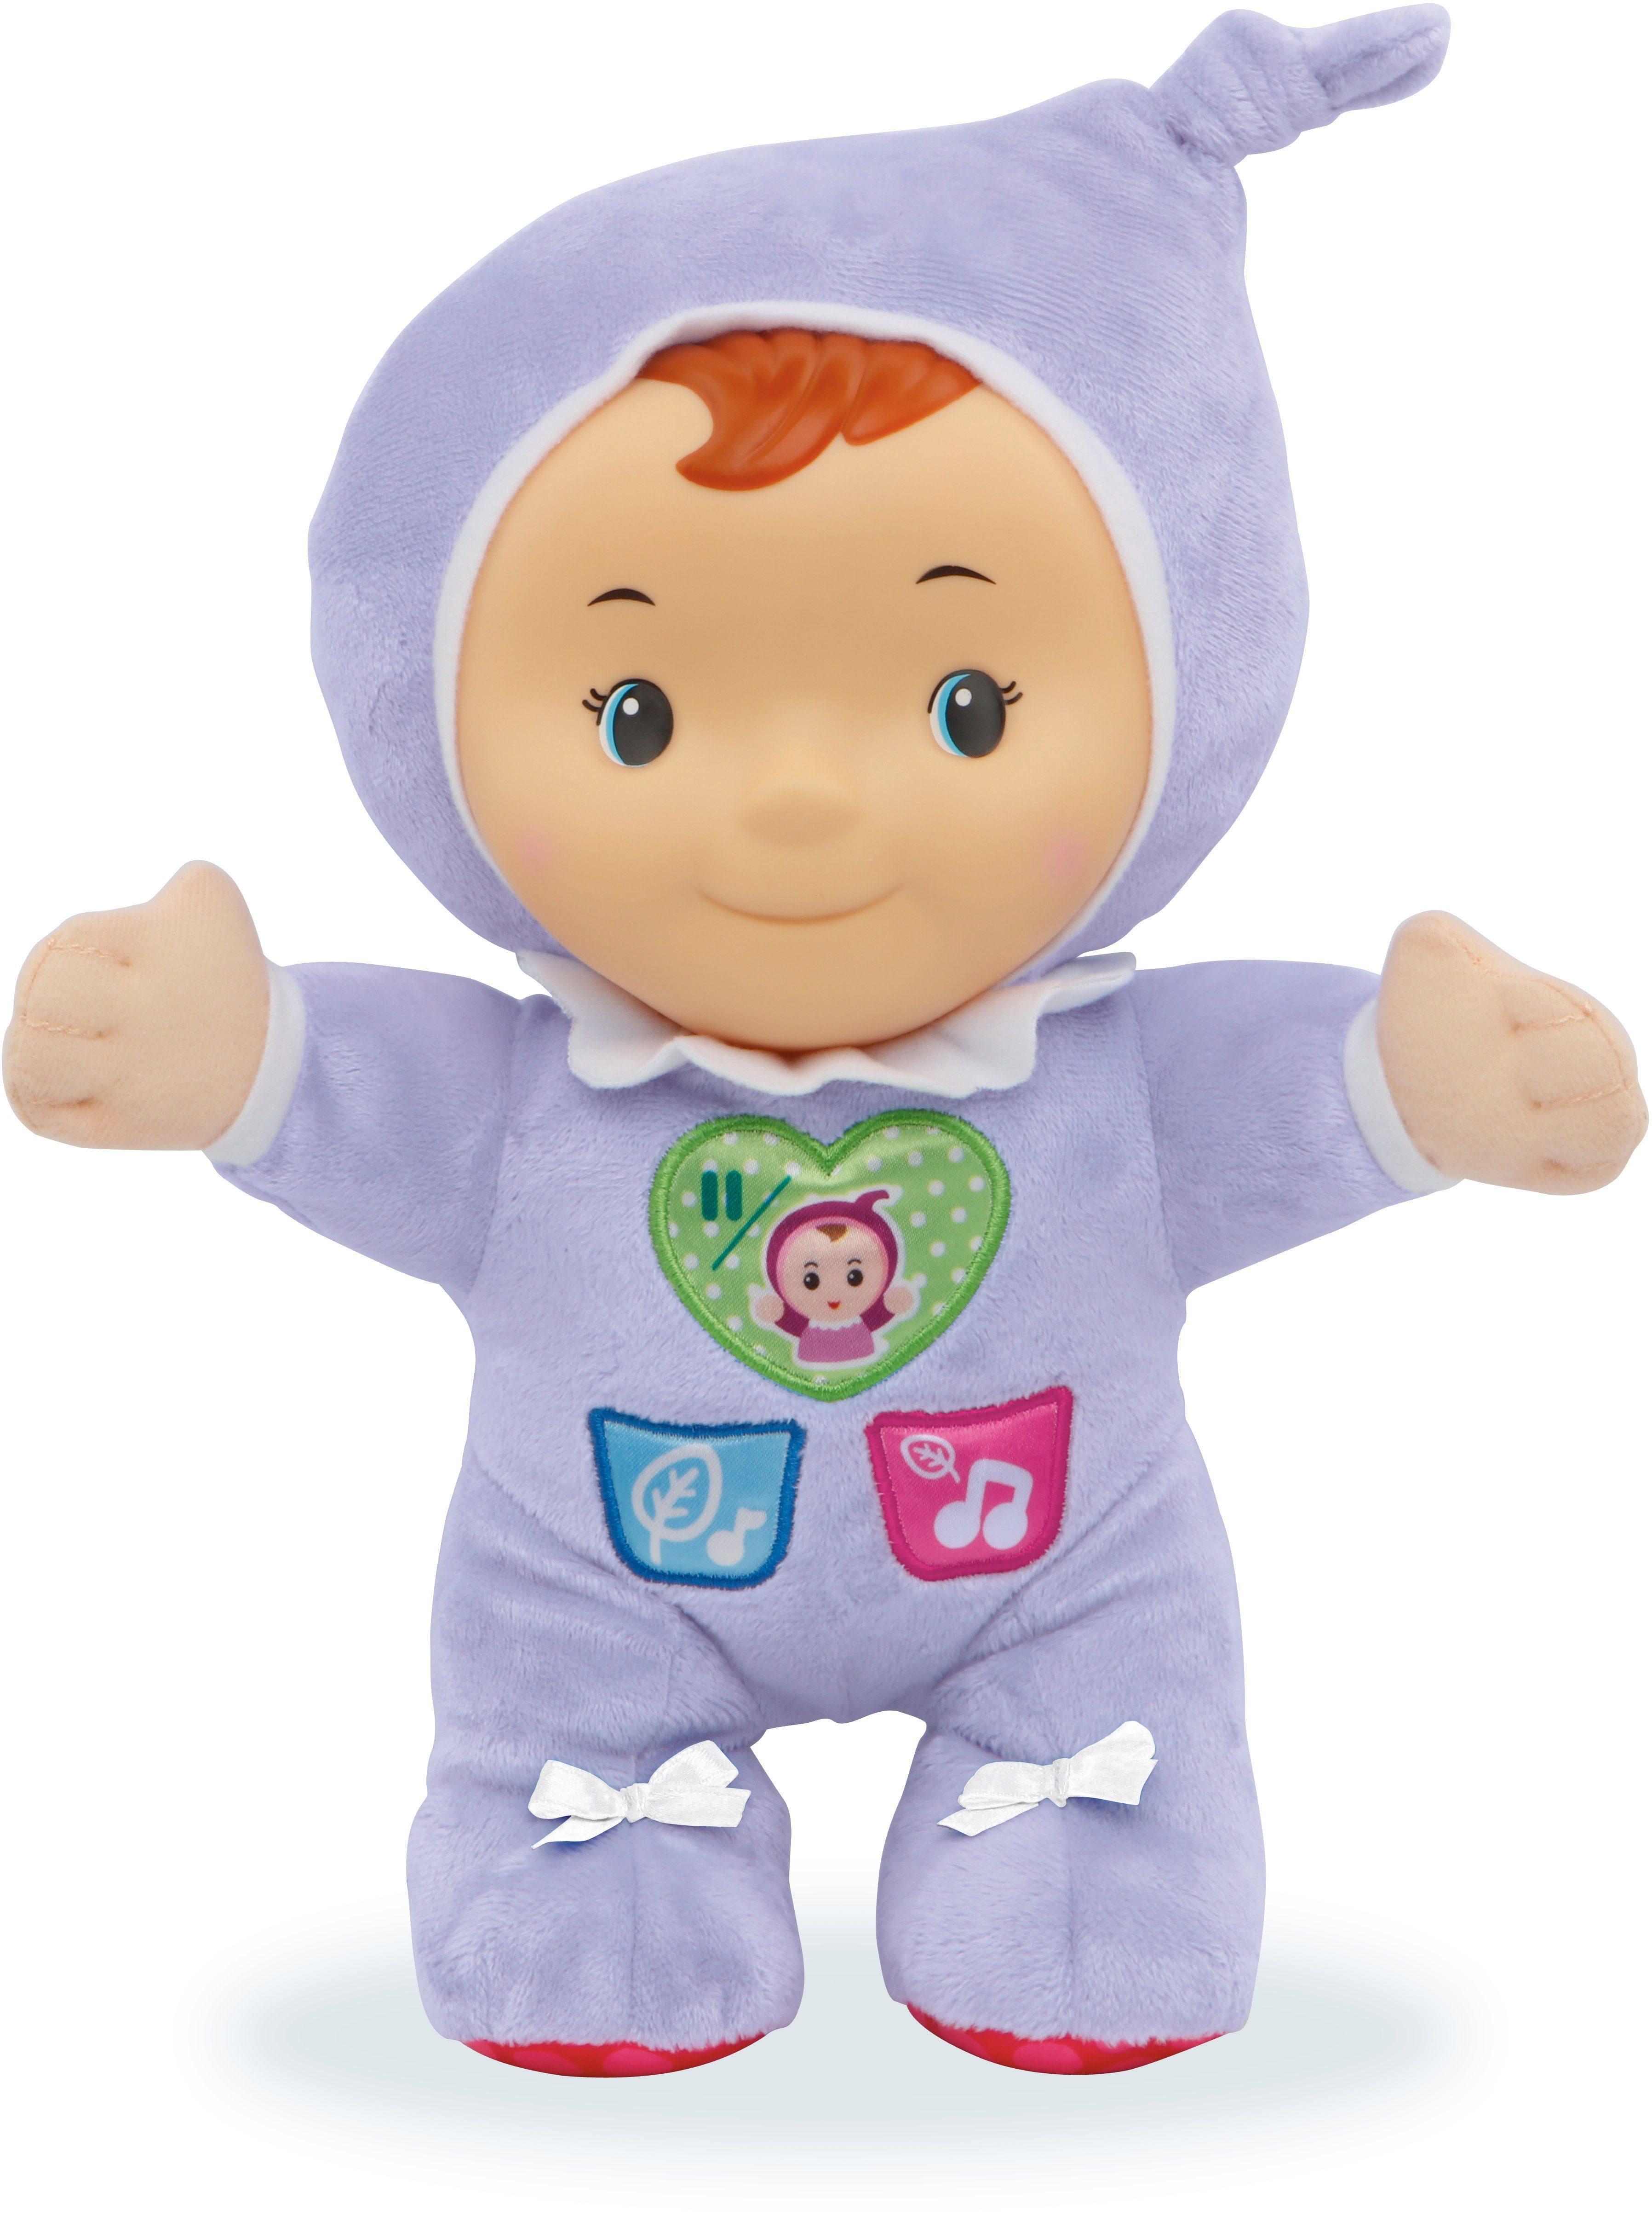 VTech Babyspielzeug, »Nachtlicht Schmusepuppe«